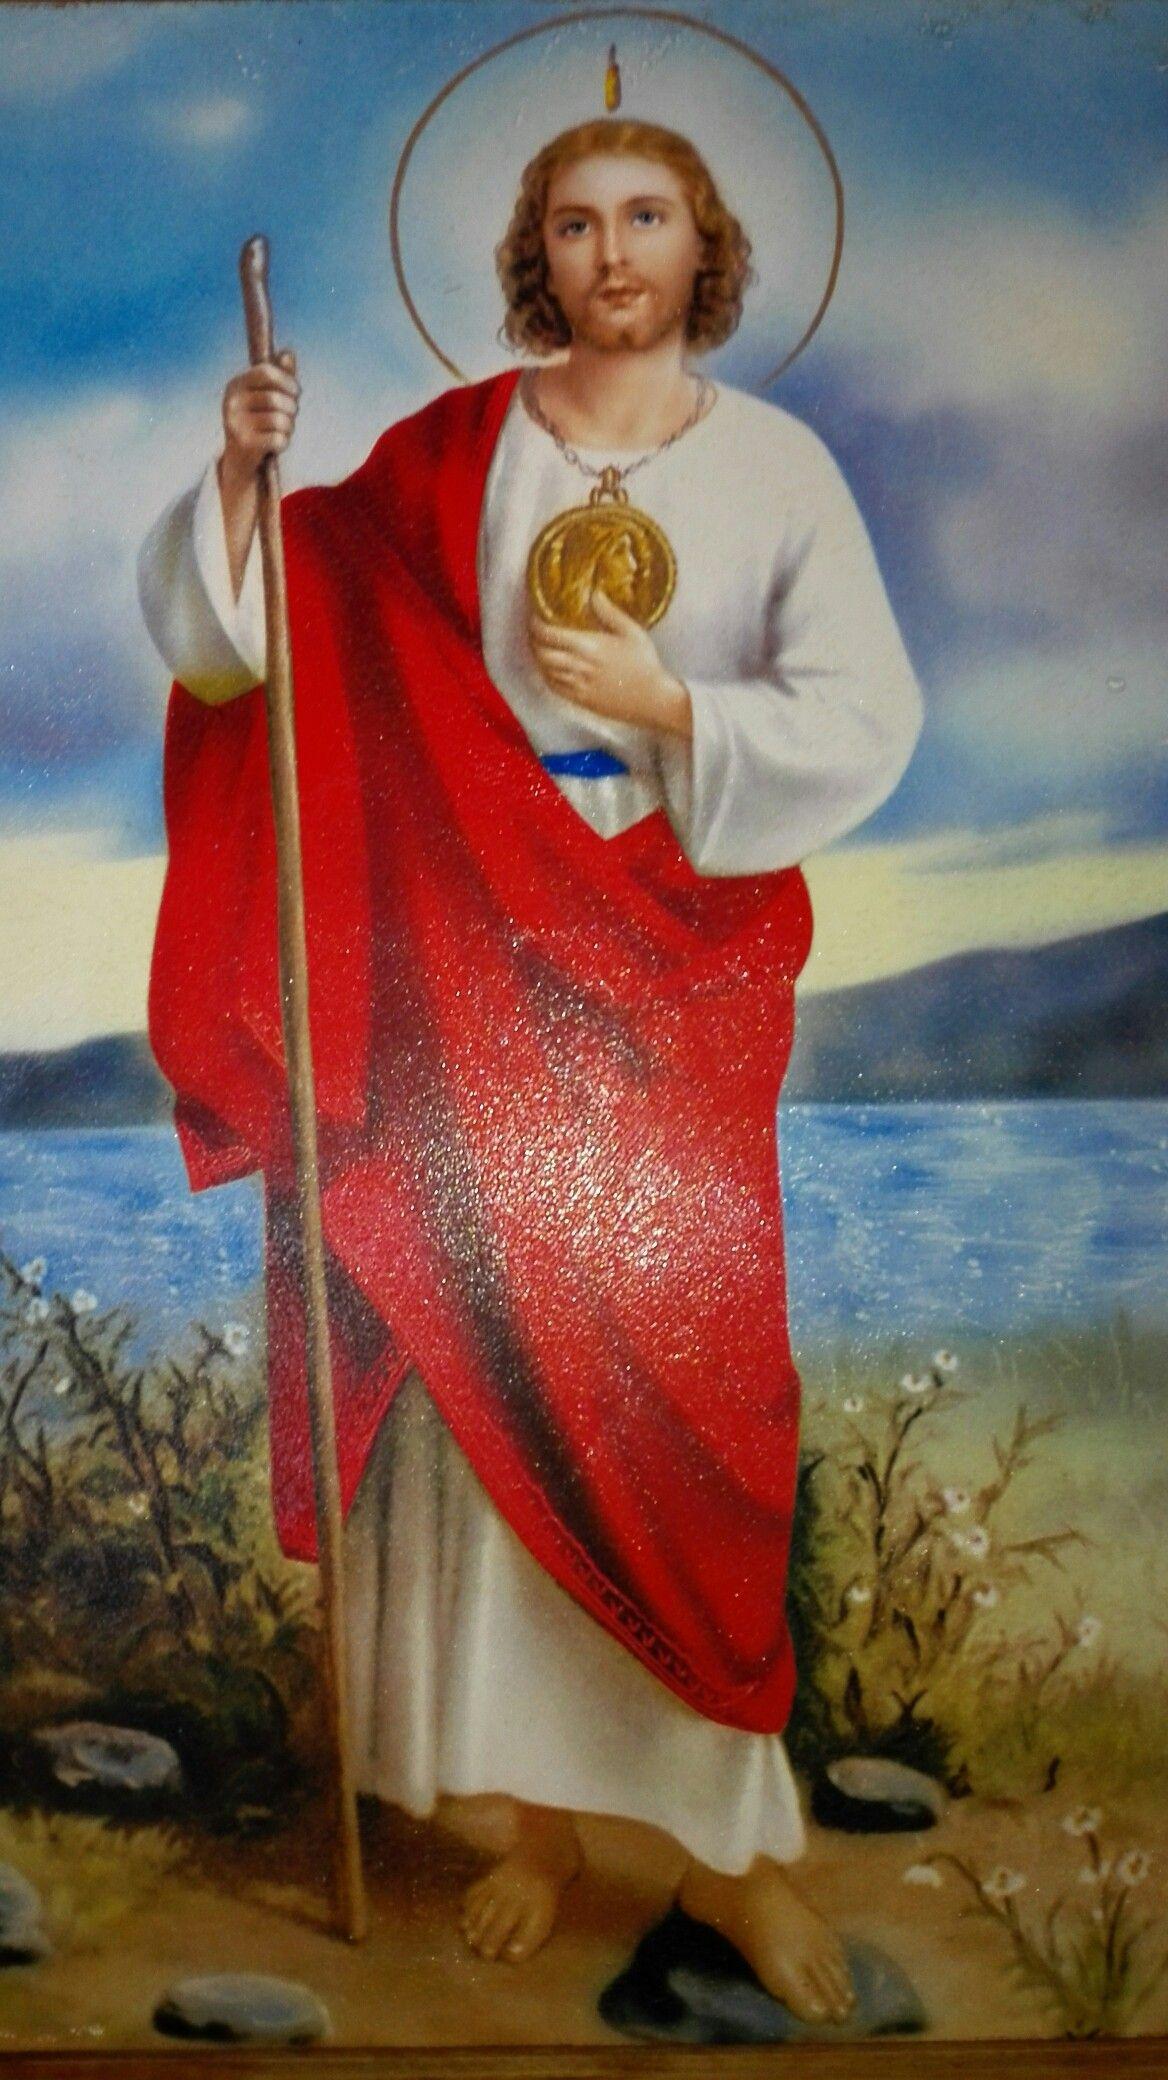 San Judas Tadeo Color Rojo Imagenes De San Judas Tadeo